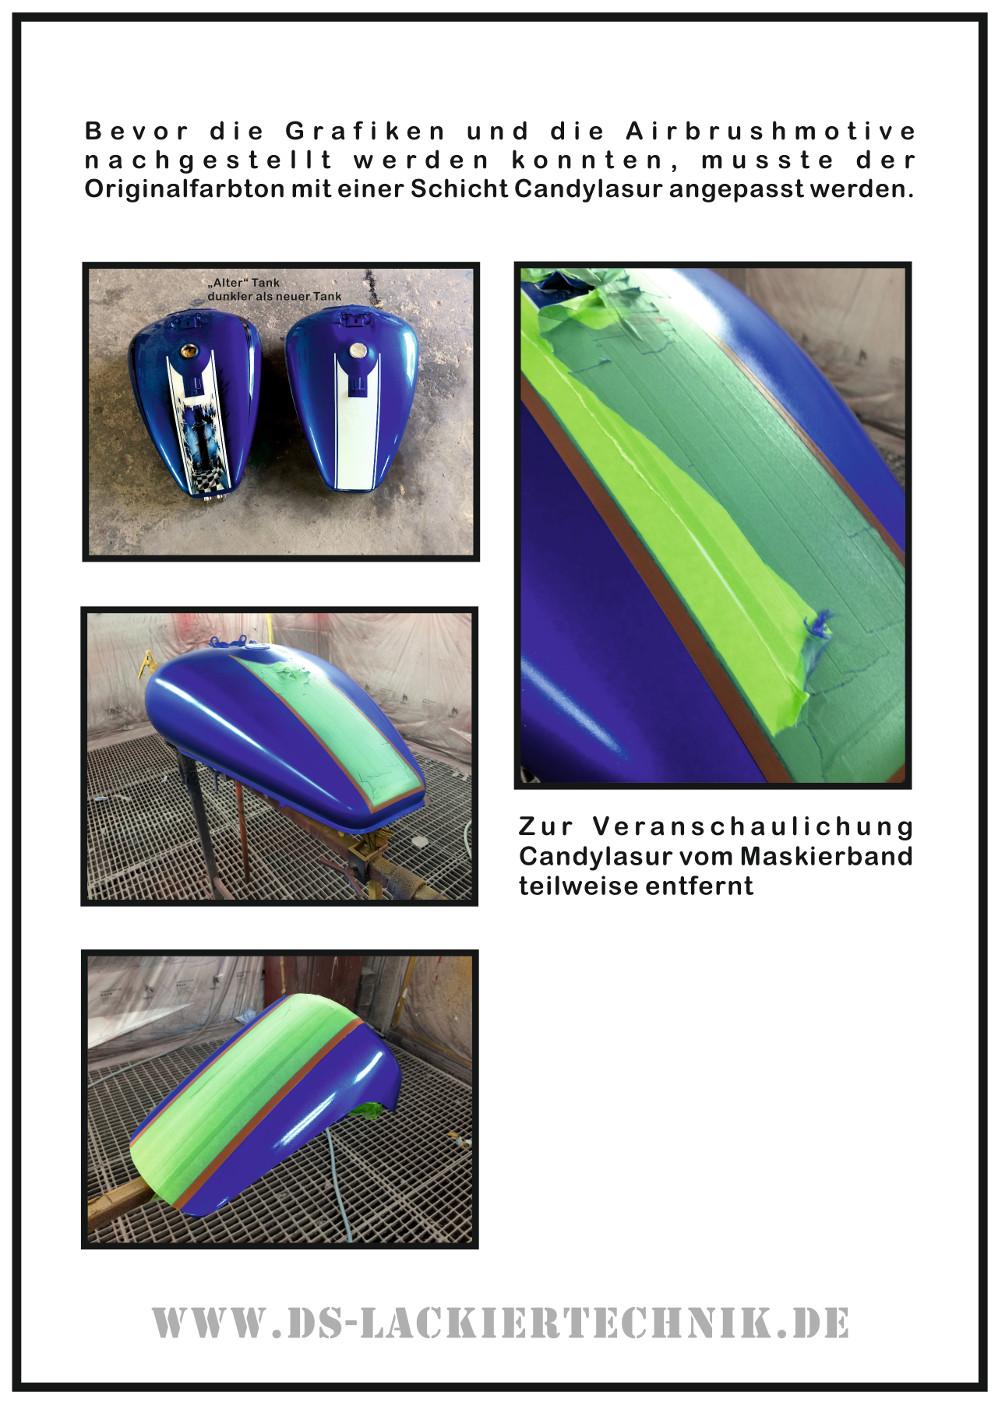 Motorrad Airbrush! Unfallschaden, Airbrush komplett erneuert 3 Motorrad Airbrush